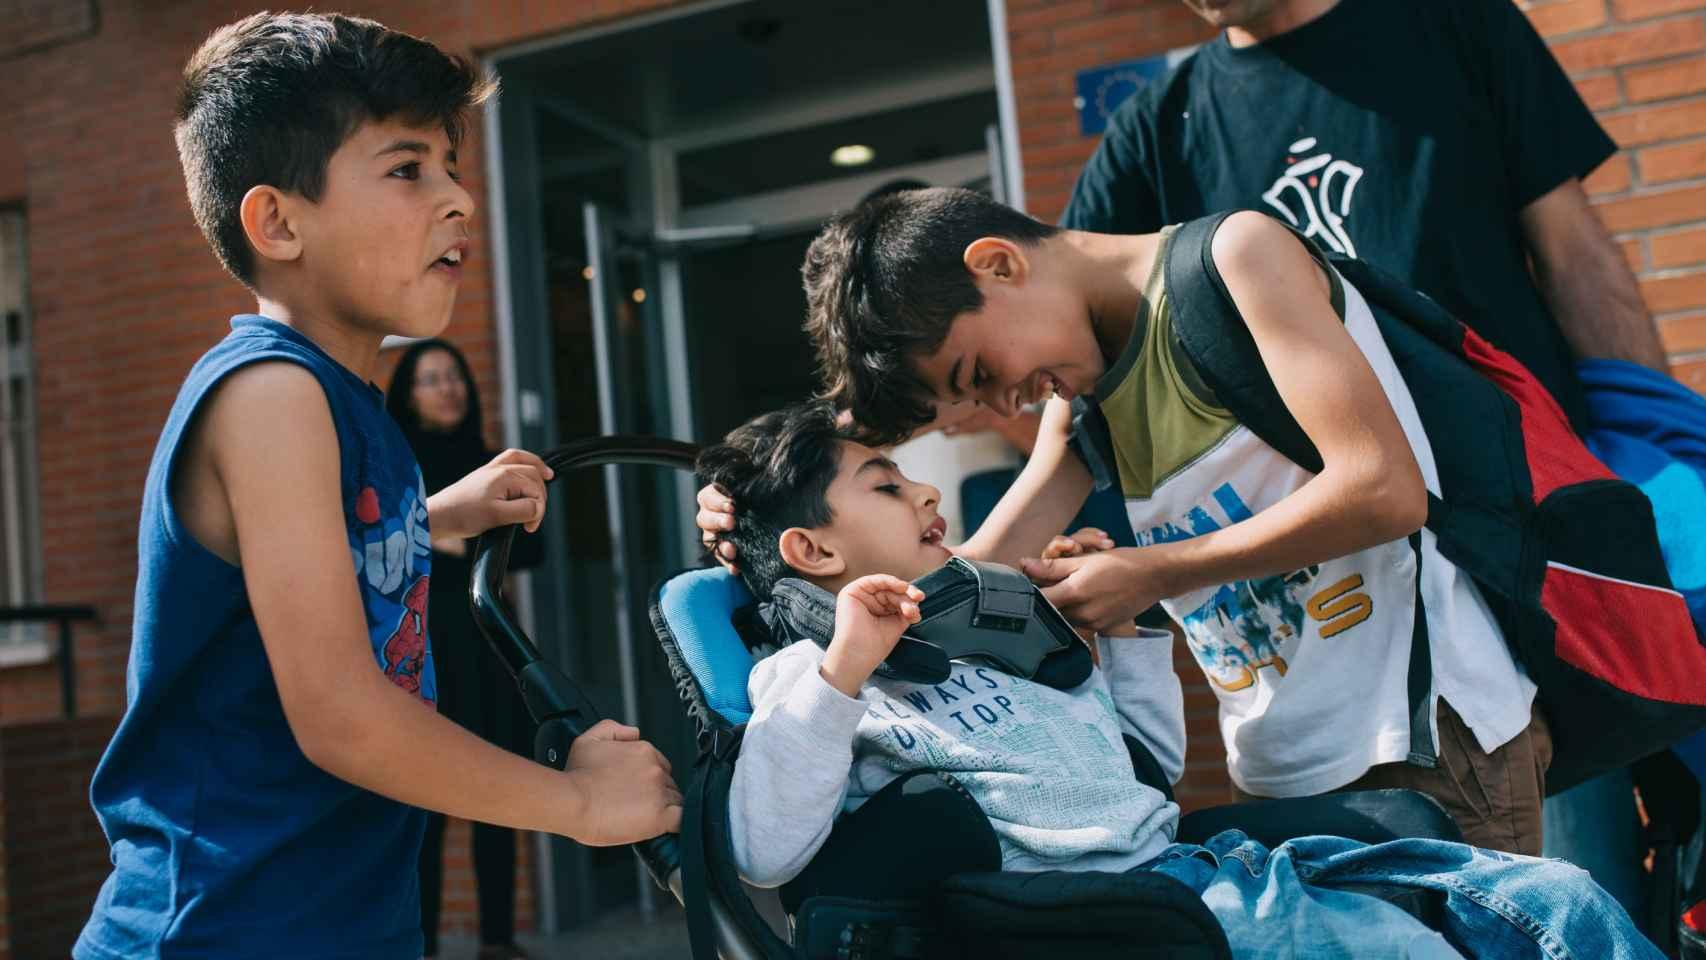 El niño afgano con parálisis cerebral